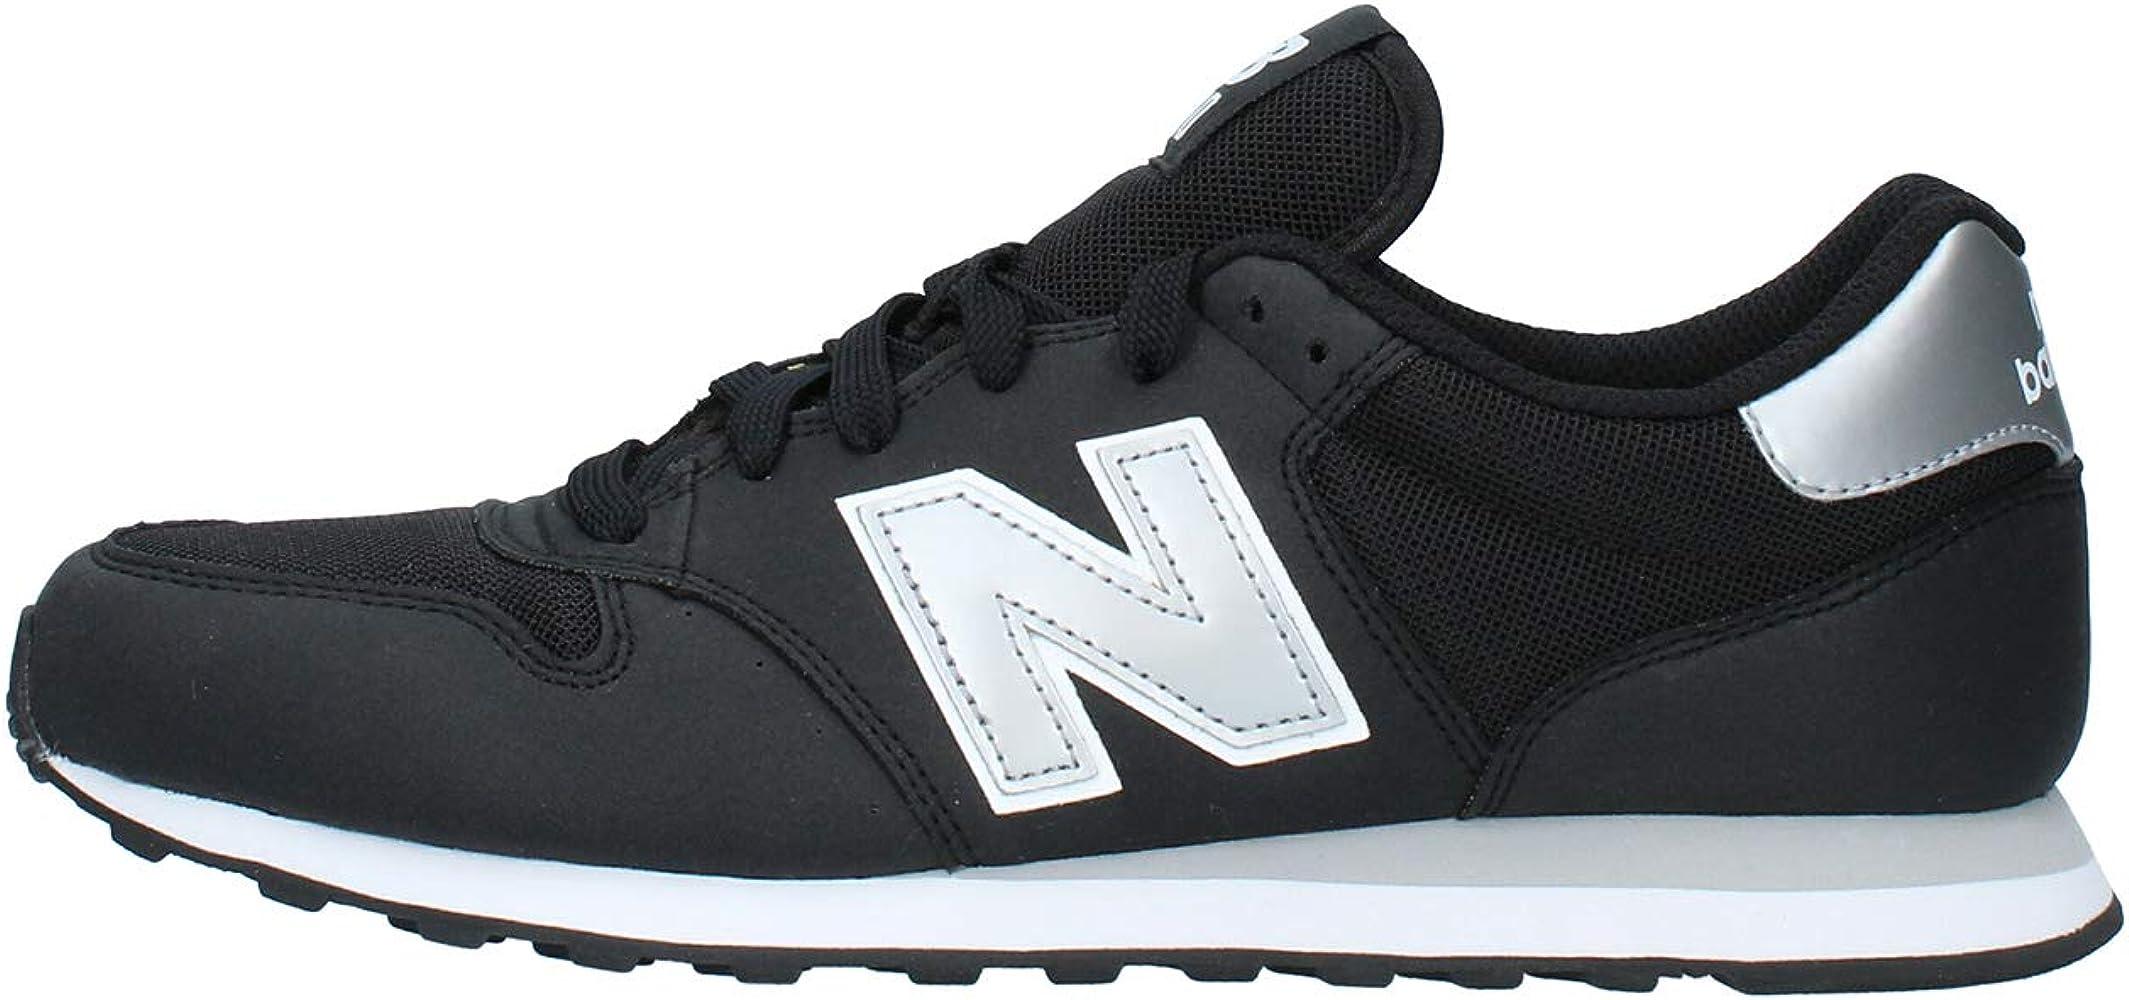 New Balance 500 Core, Zapatillas para Hombre